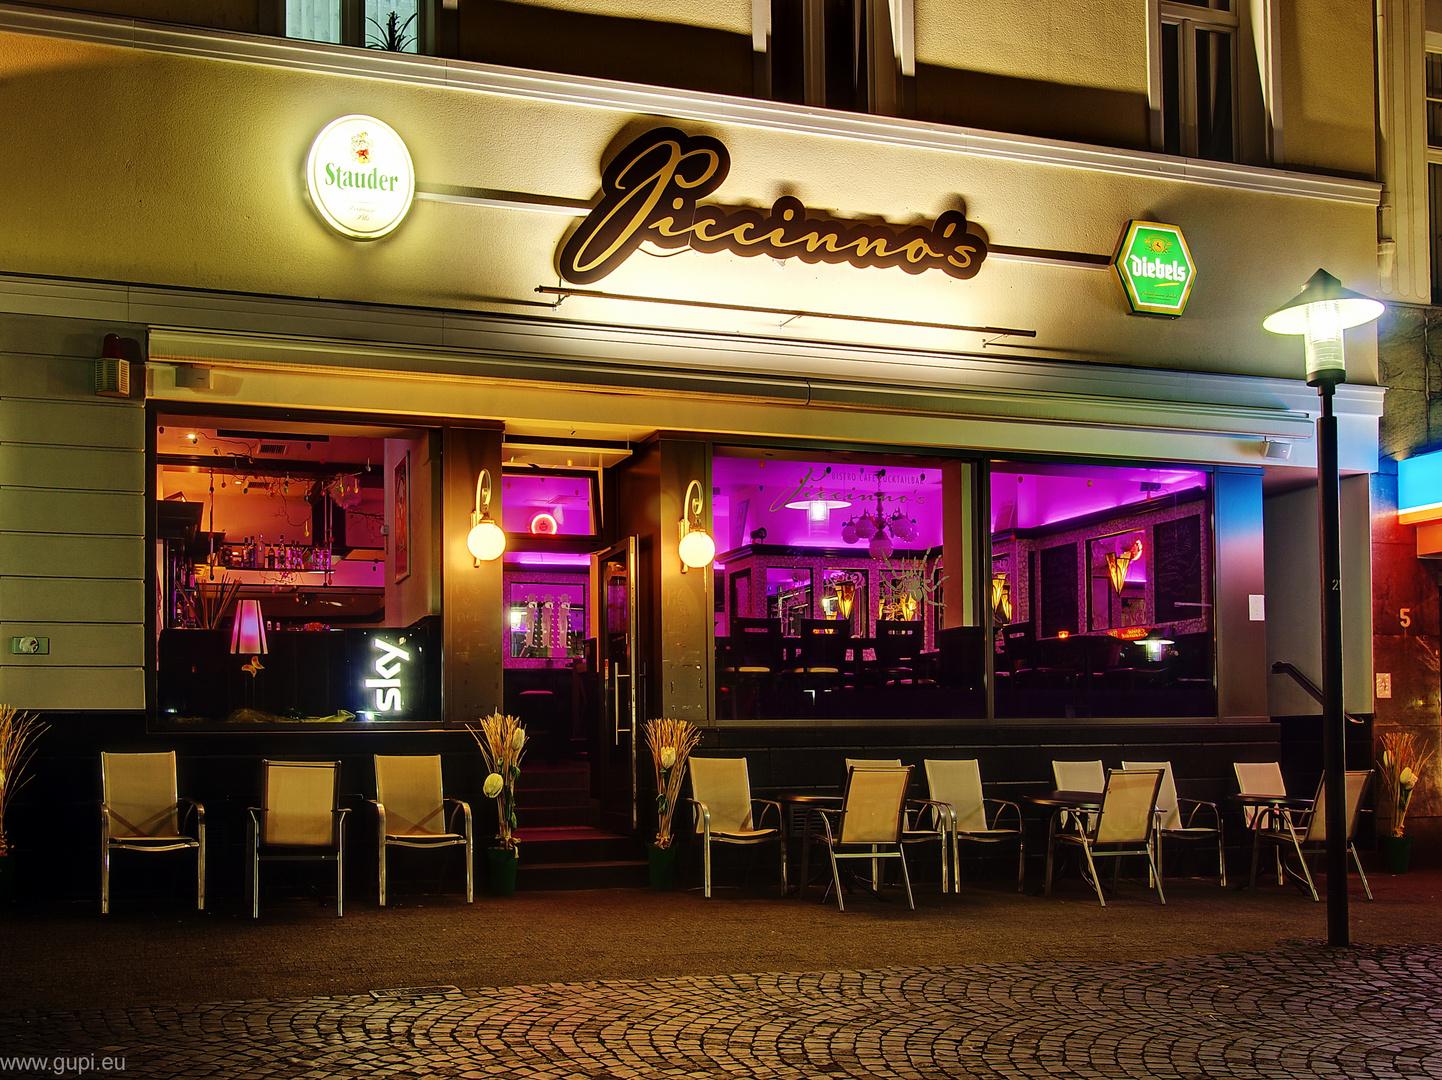 Piccinno's